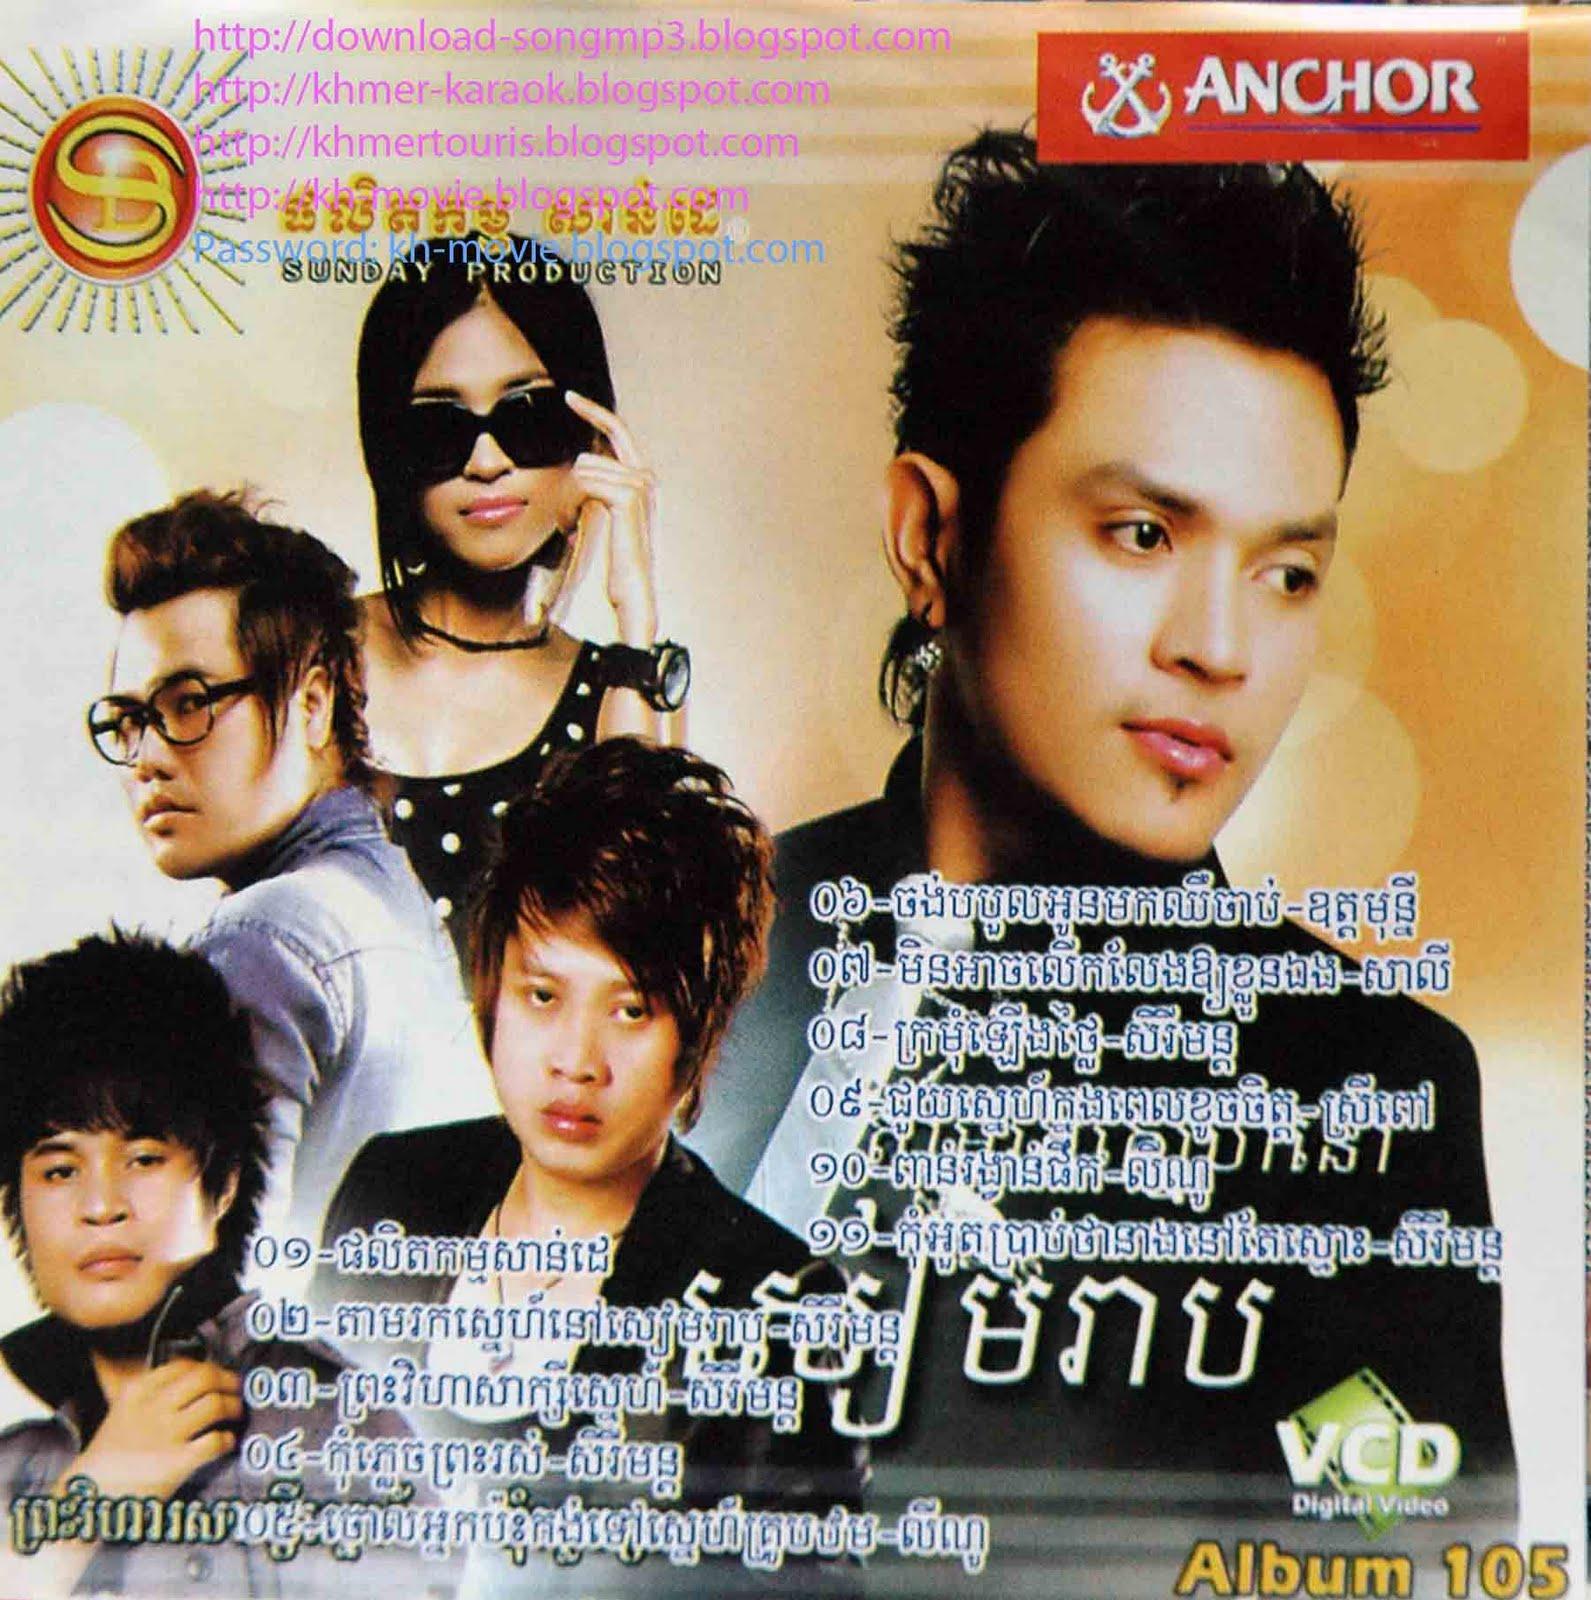 Sunday VCD 105